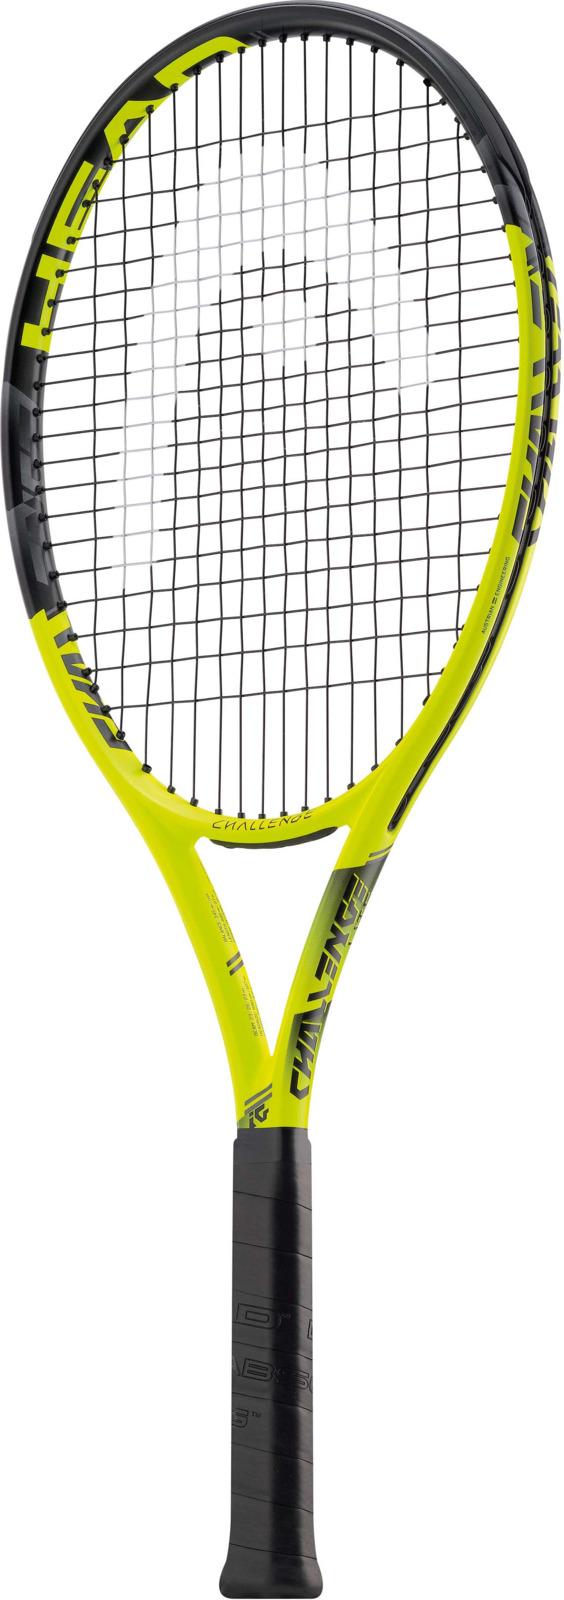 Ракетка теннисная Head IG Challenge Lite, желтый, ручка 1 теннисная ракетка prince 7t35